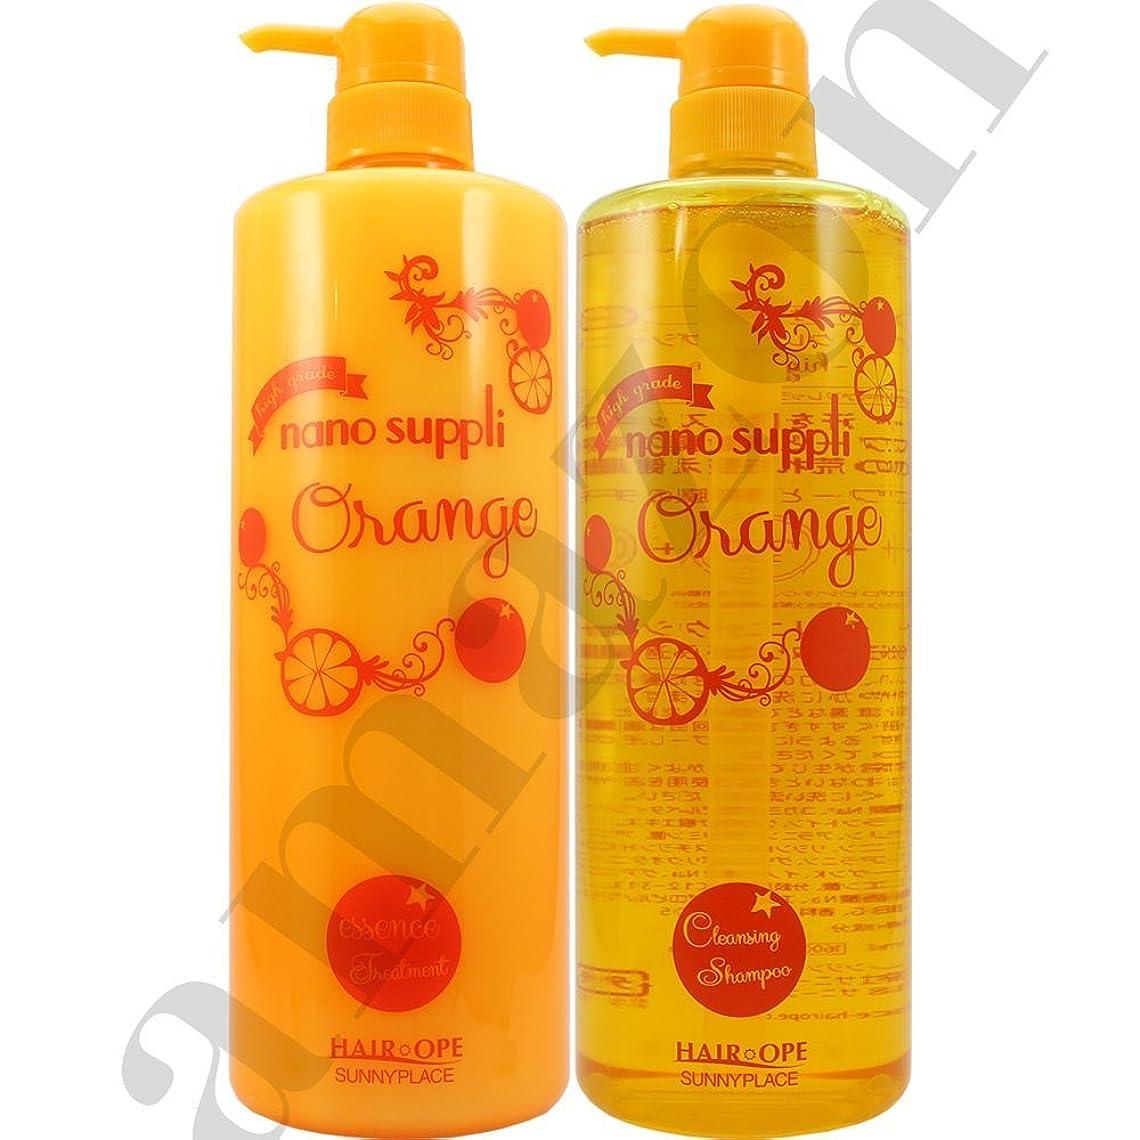 権威以前は旋律的サニープレイス ナノサプリ クレンジングシャンプー&コンディショナー オレンジ 1000mlボトルセット